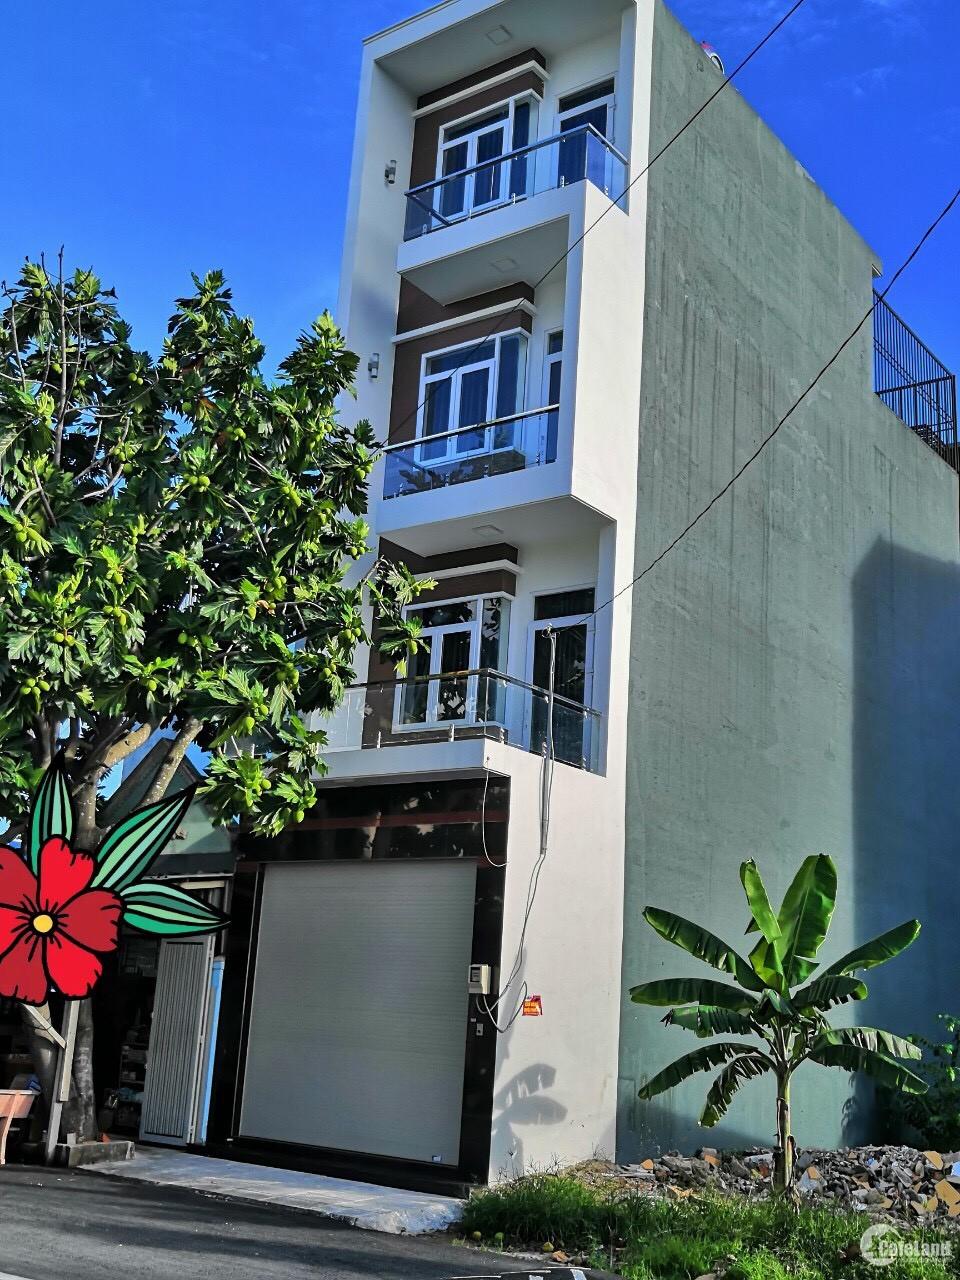 Bán nhà mặt tiền đường nhựa Tiền Lân 17, thuộc khu dân cư Bà Điểm 2, Hóc Môn.